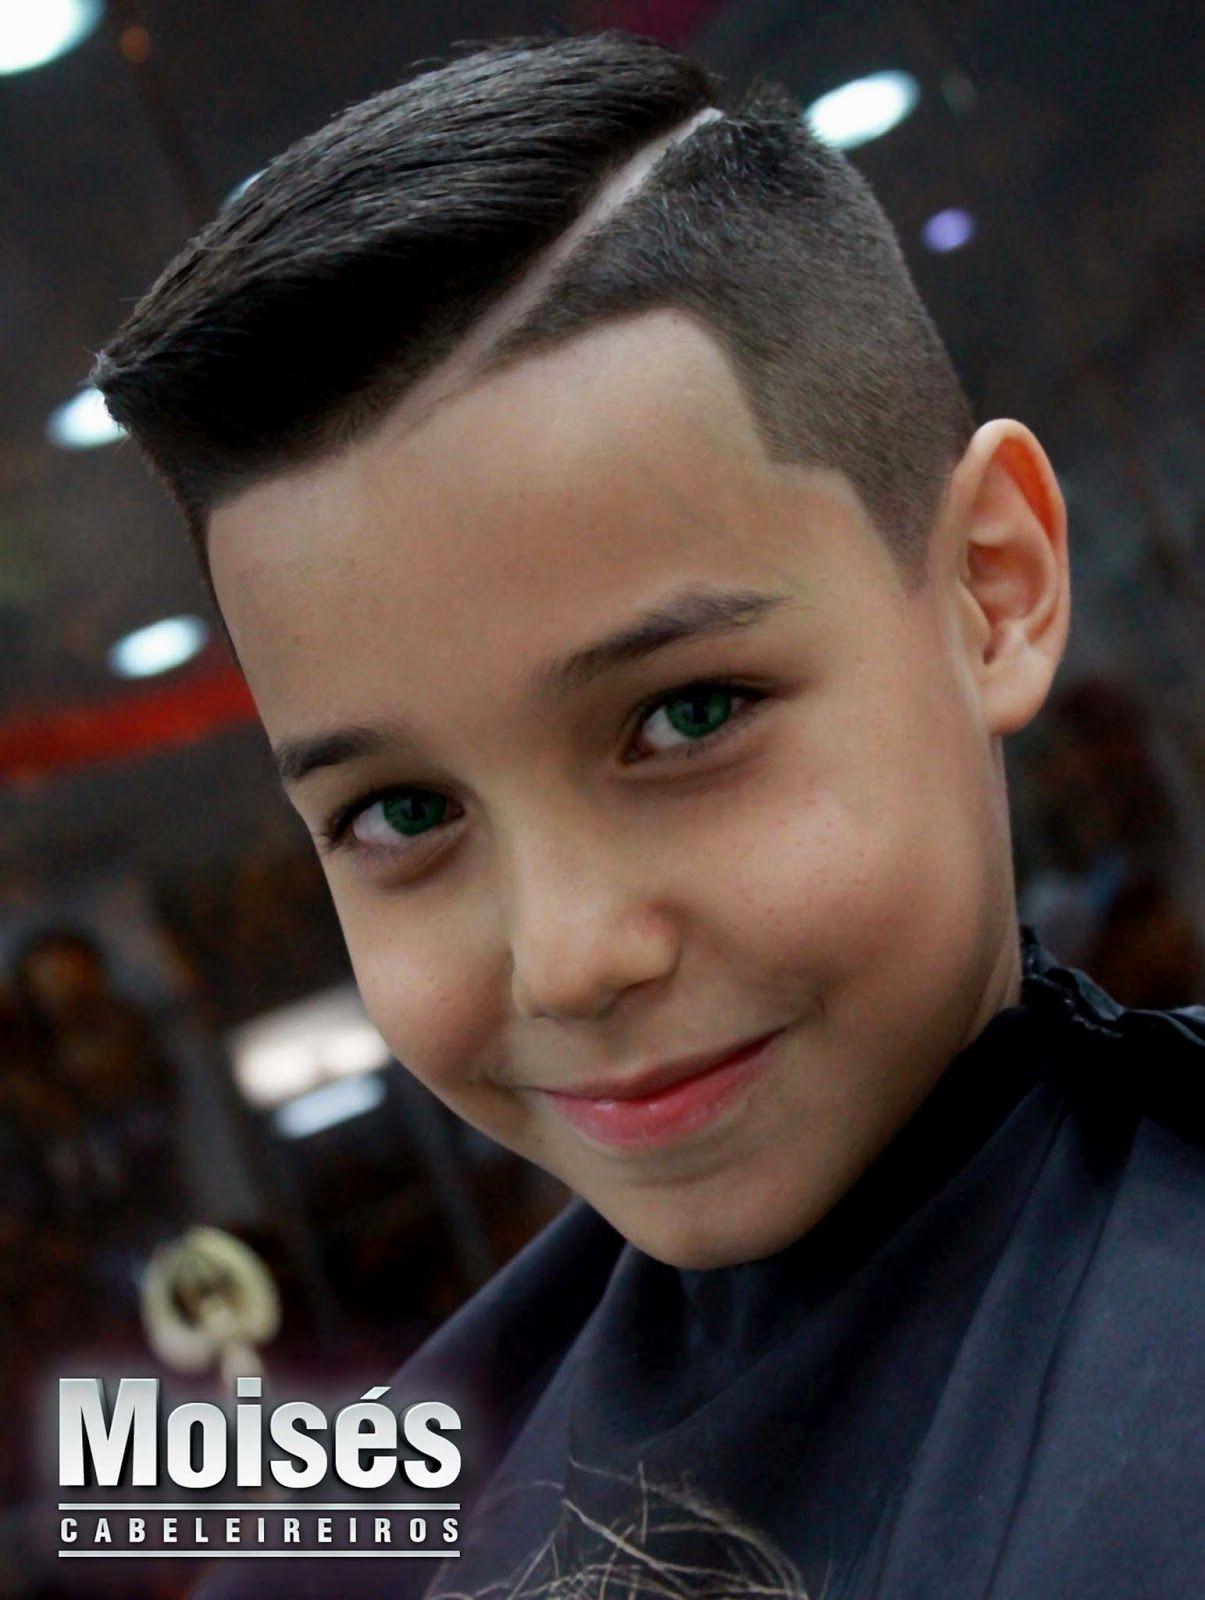 legal corte de cabelo masculino com lista design-Melhor Best Of Corte De Cabelo Masculino Com Lista Imagem